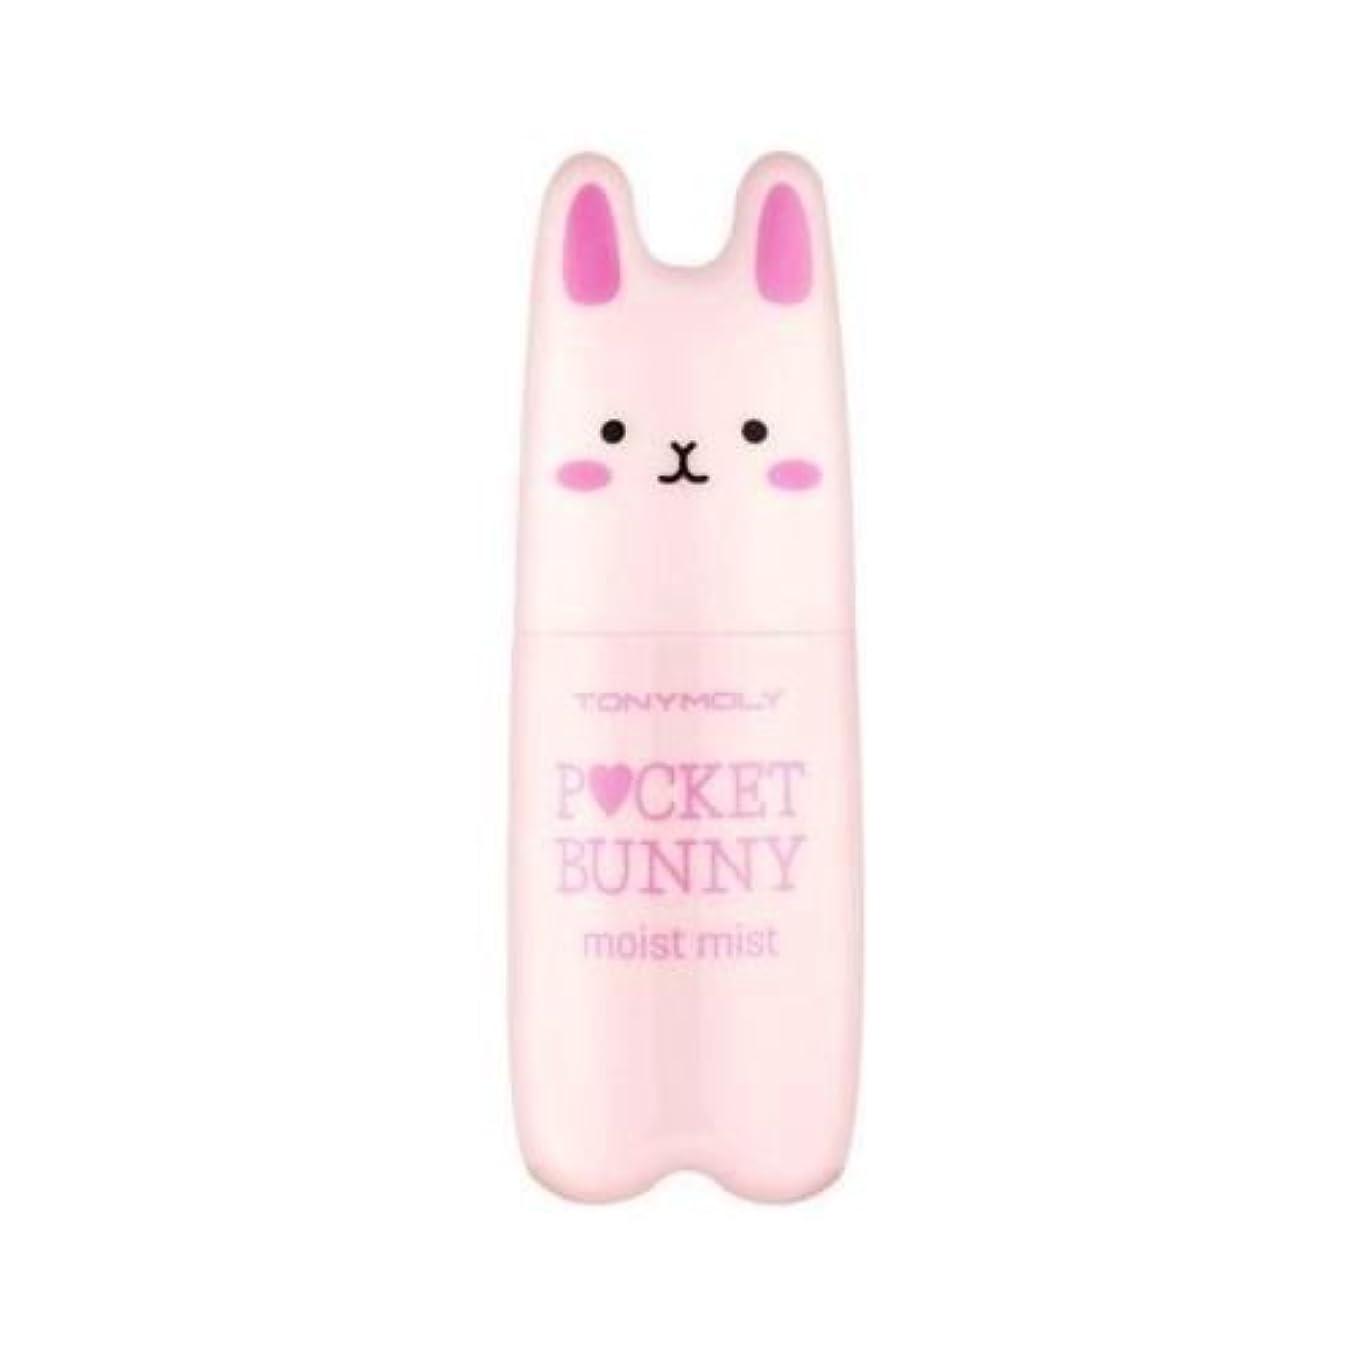 発動機有名な受取人(3 Pack) TONYMOLY Pocket Bunny Moist Mist (並行輸入品)